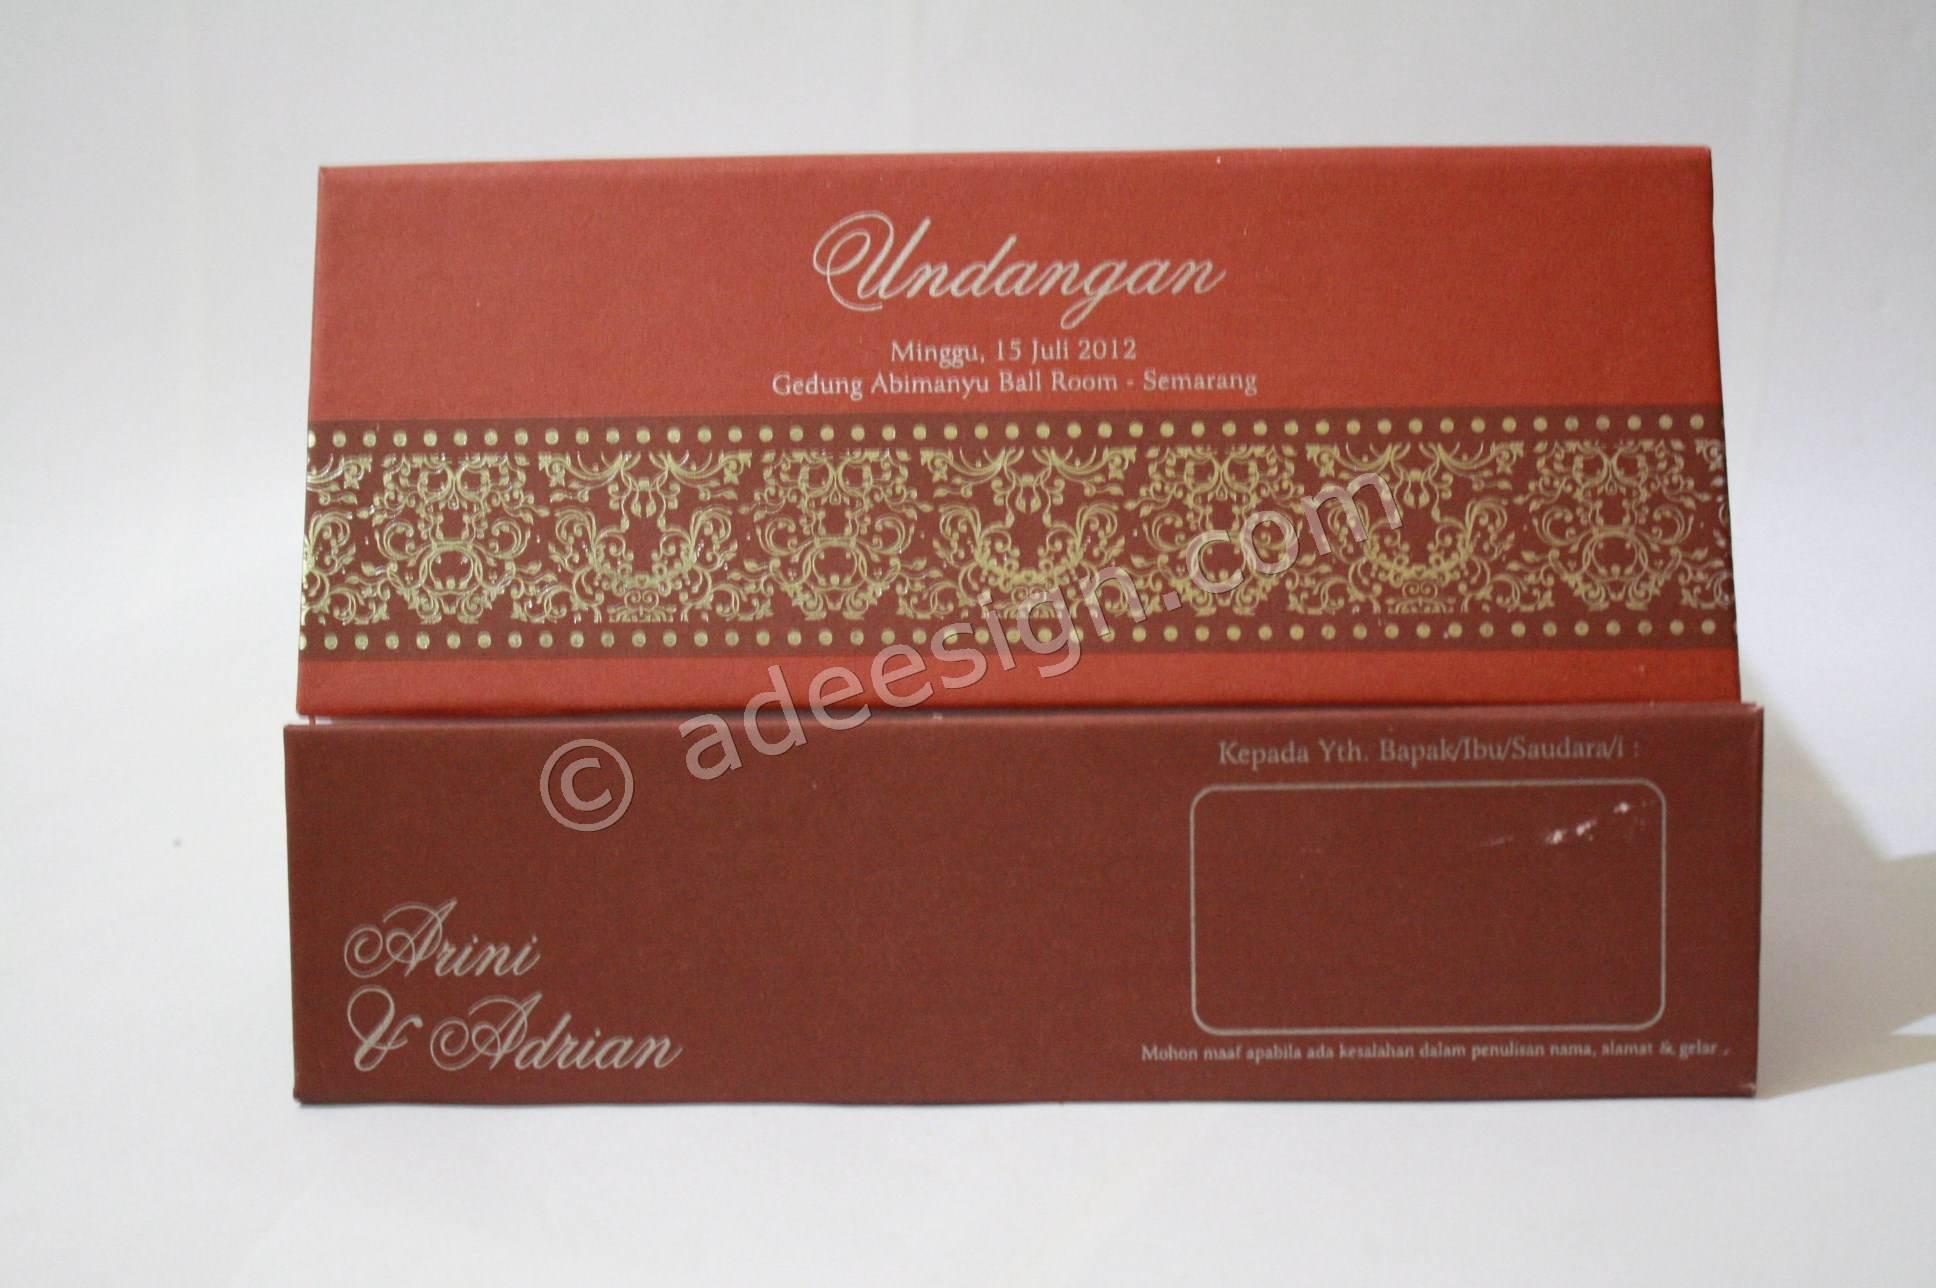 kartu undangan pernikahan hardcover arini dan adrian kode undangan